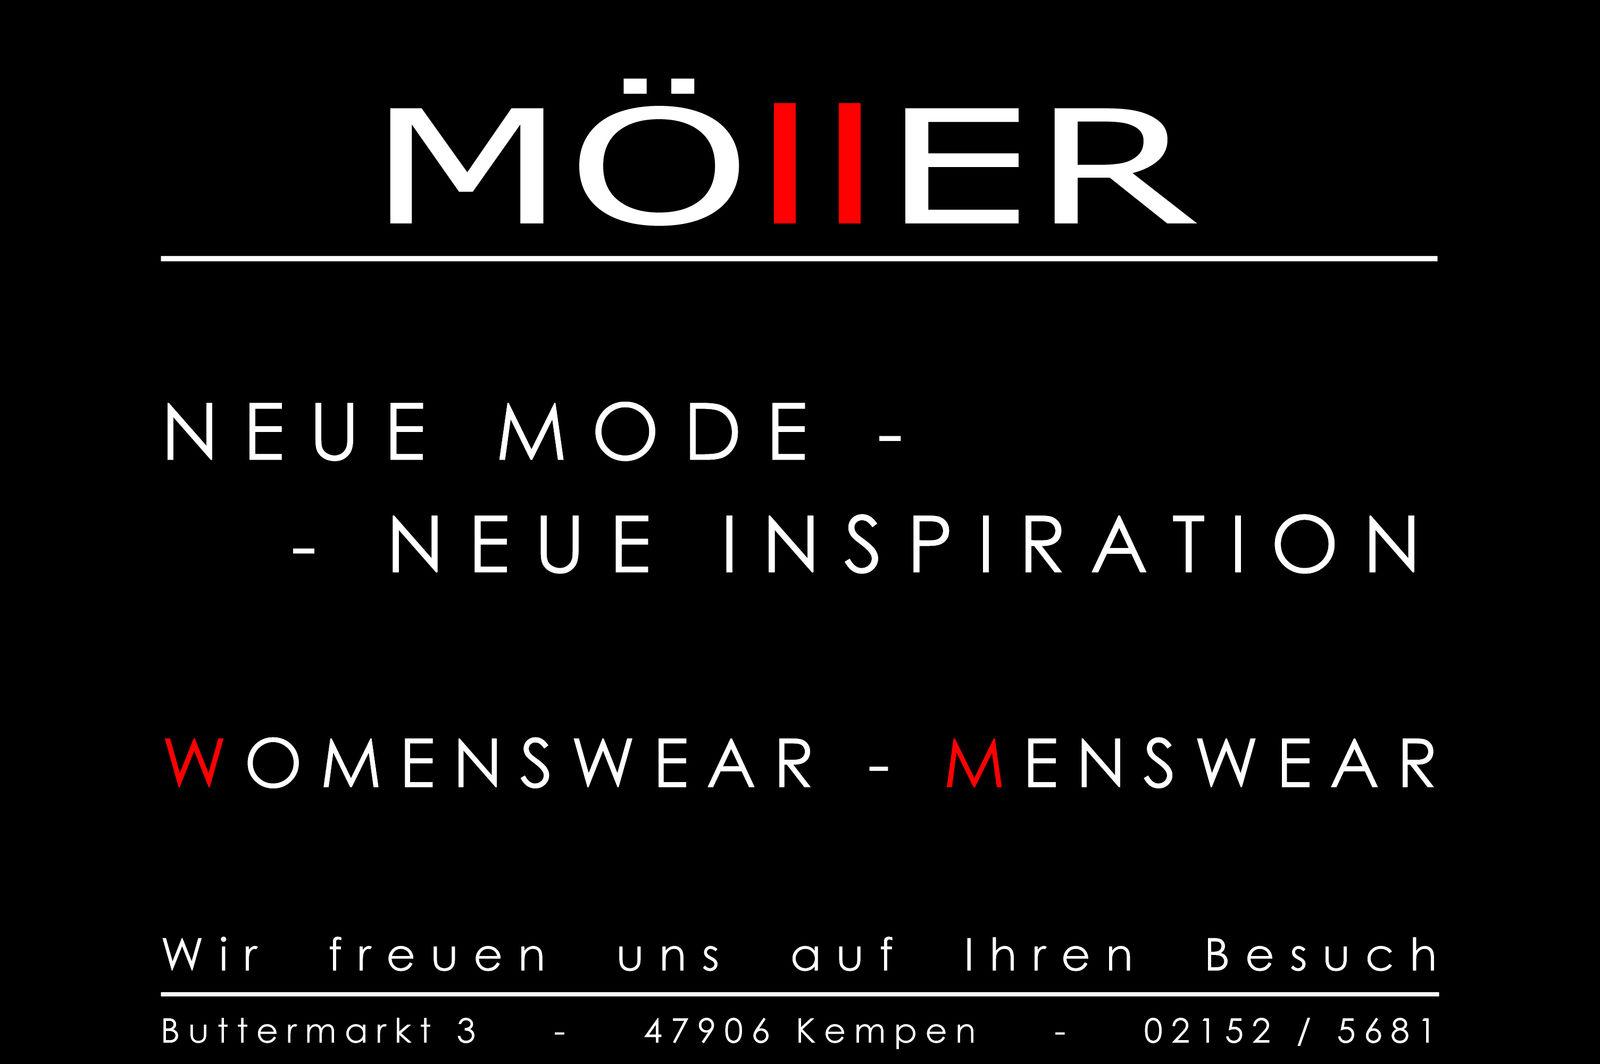 MÖllER Womenswear - Menswear in Kempen (Bild 1)